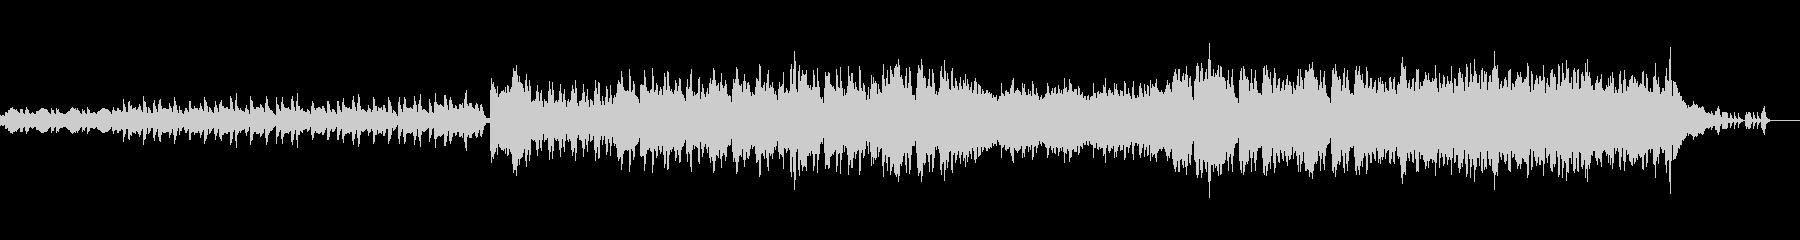 前にむかう力強いオケ風曲の未再生の波形